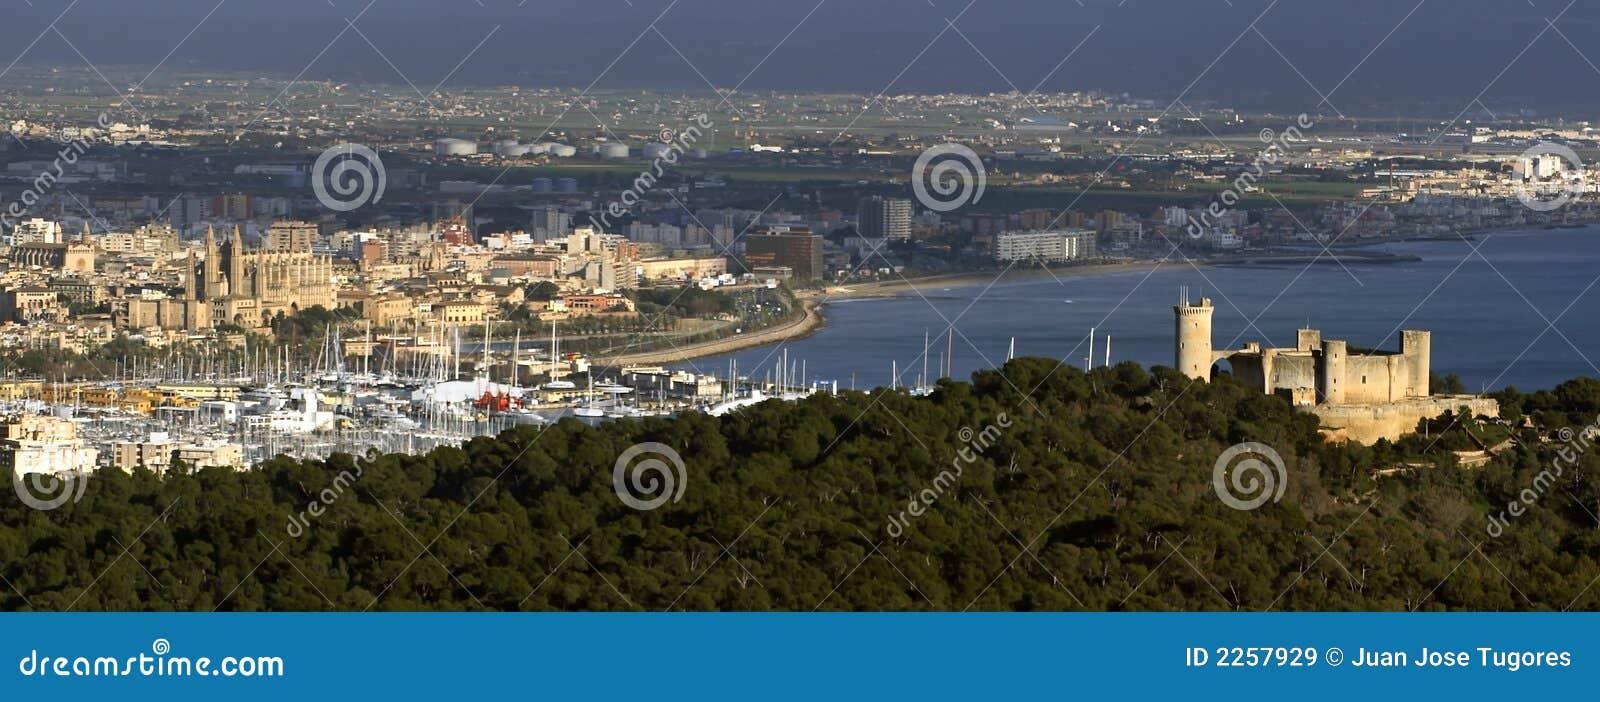 Castle of Bellver, Majorca